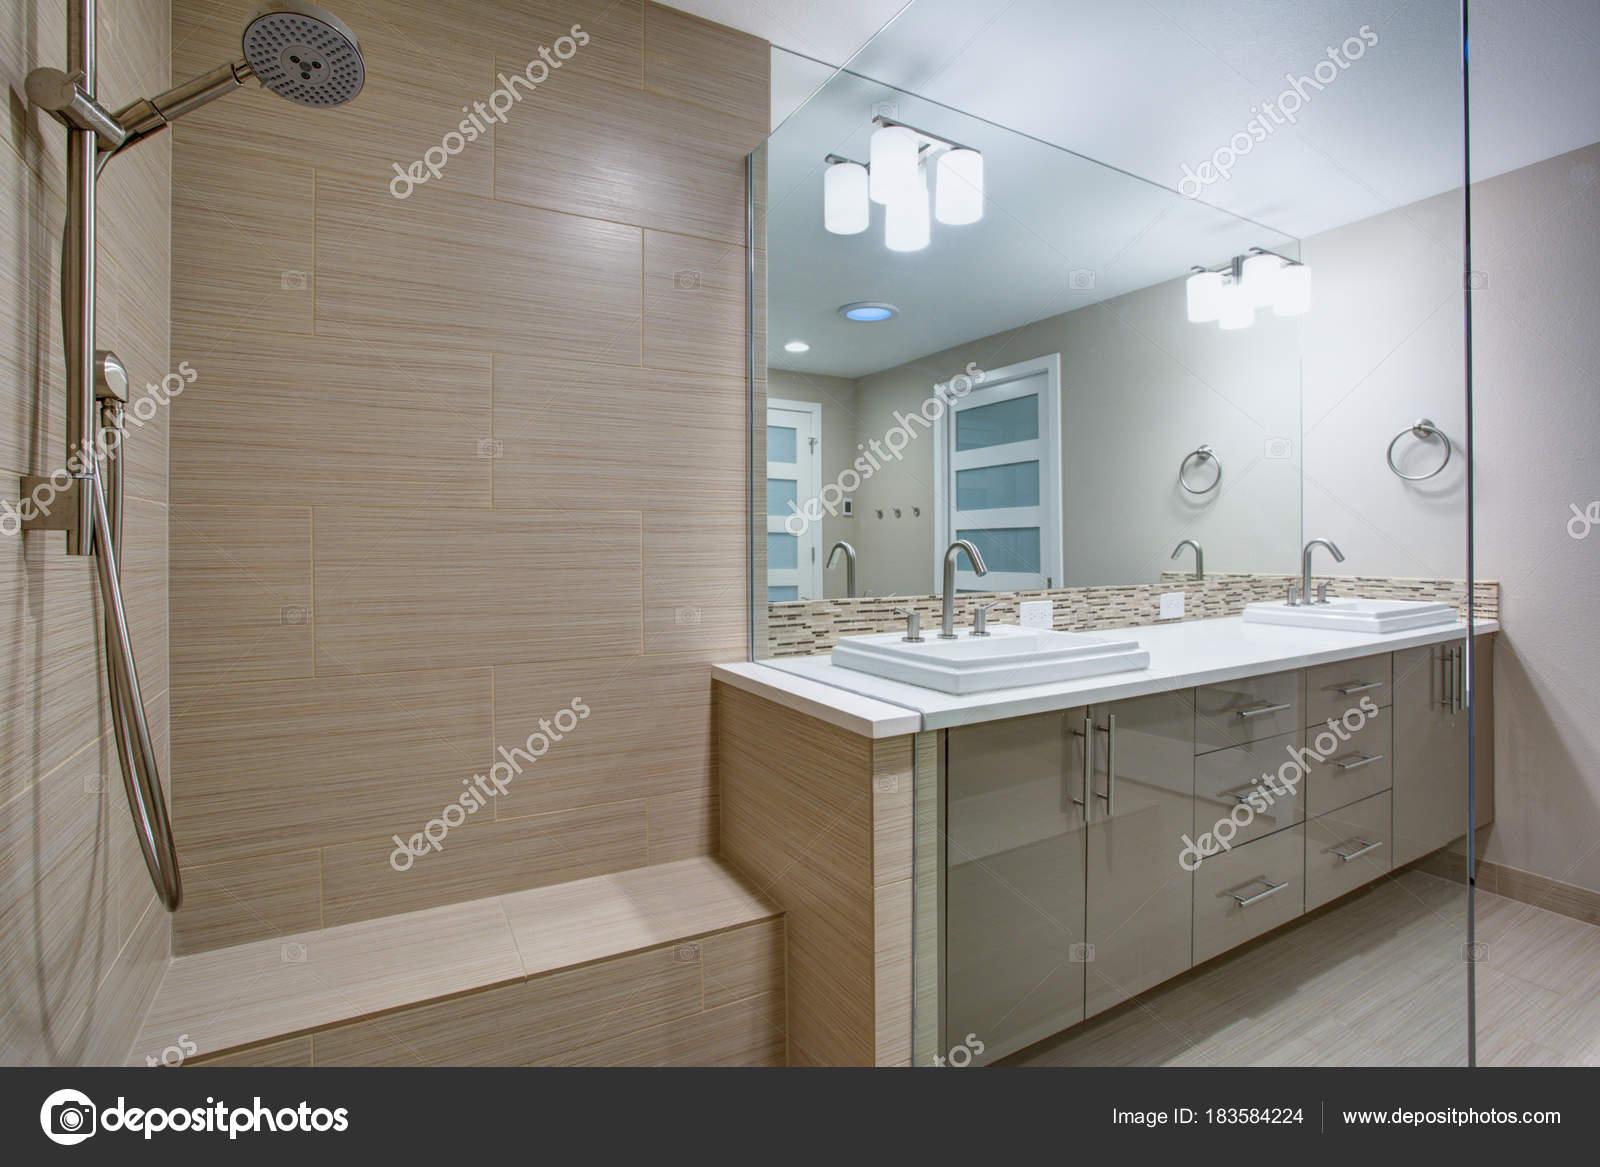 Erfrischendes Bad Mit Begehbarer Dusche U2014 Stockfoto